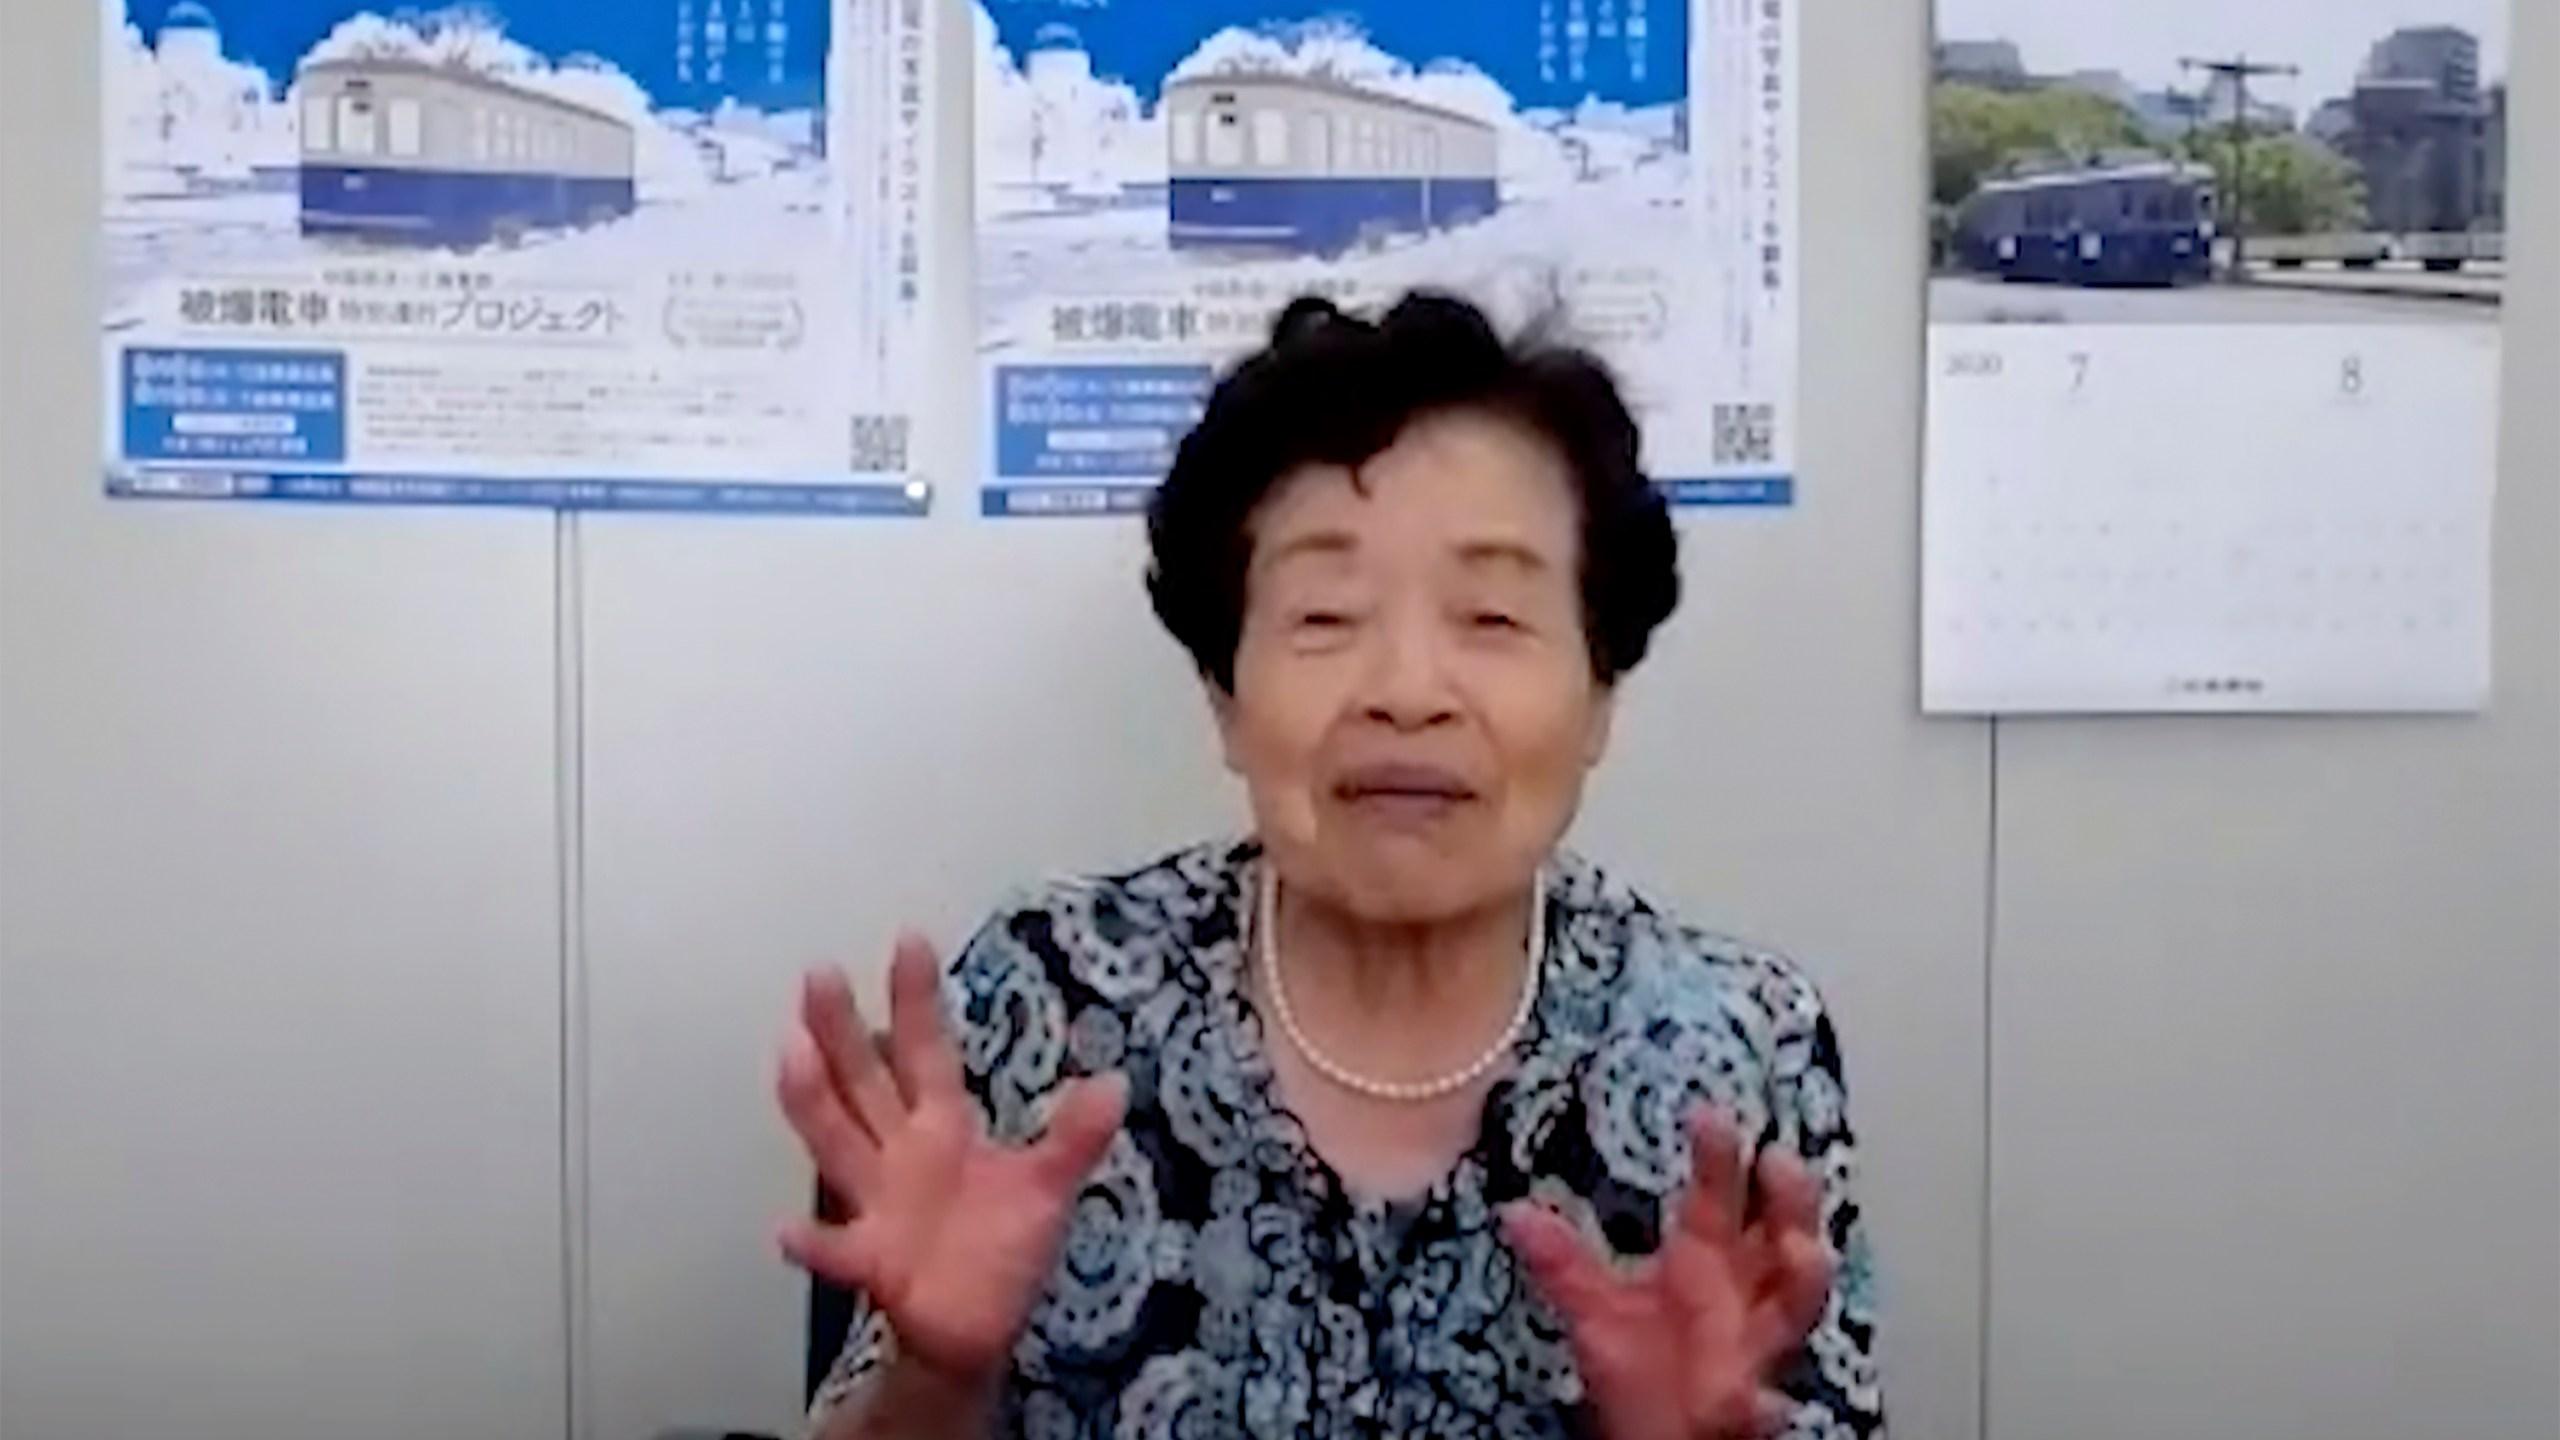 Tetsuko Shakuda